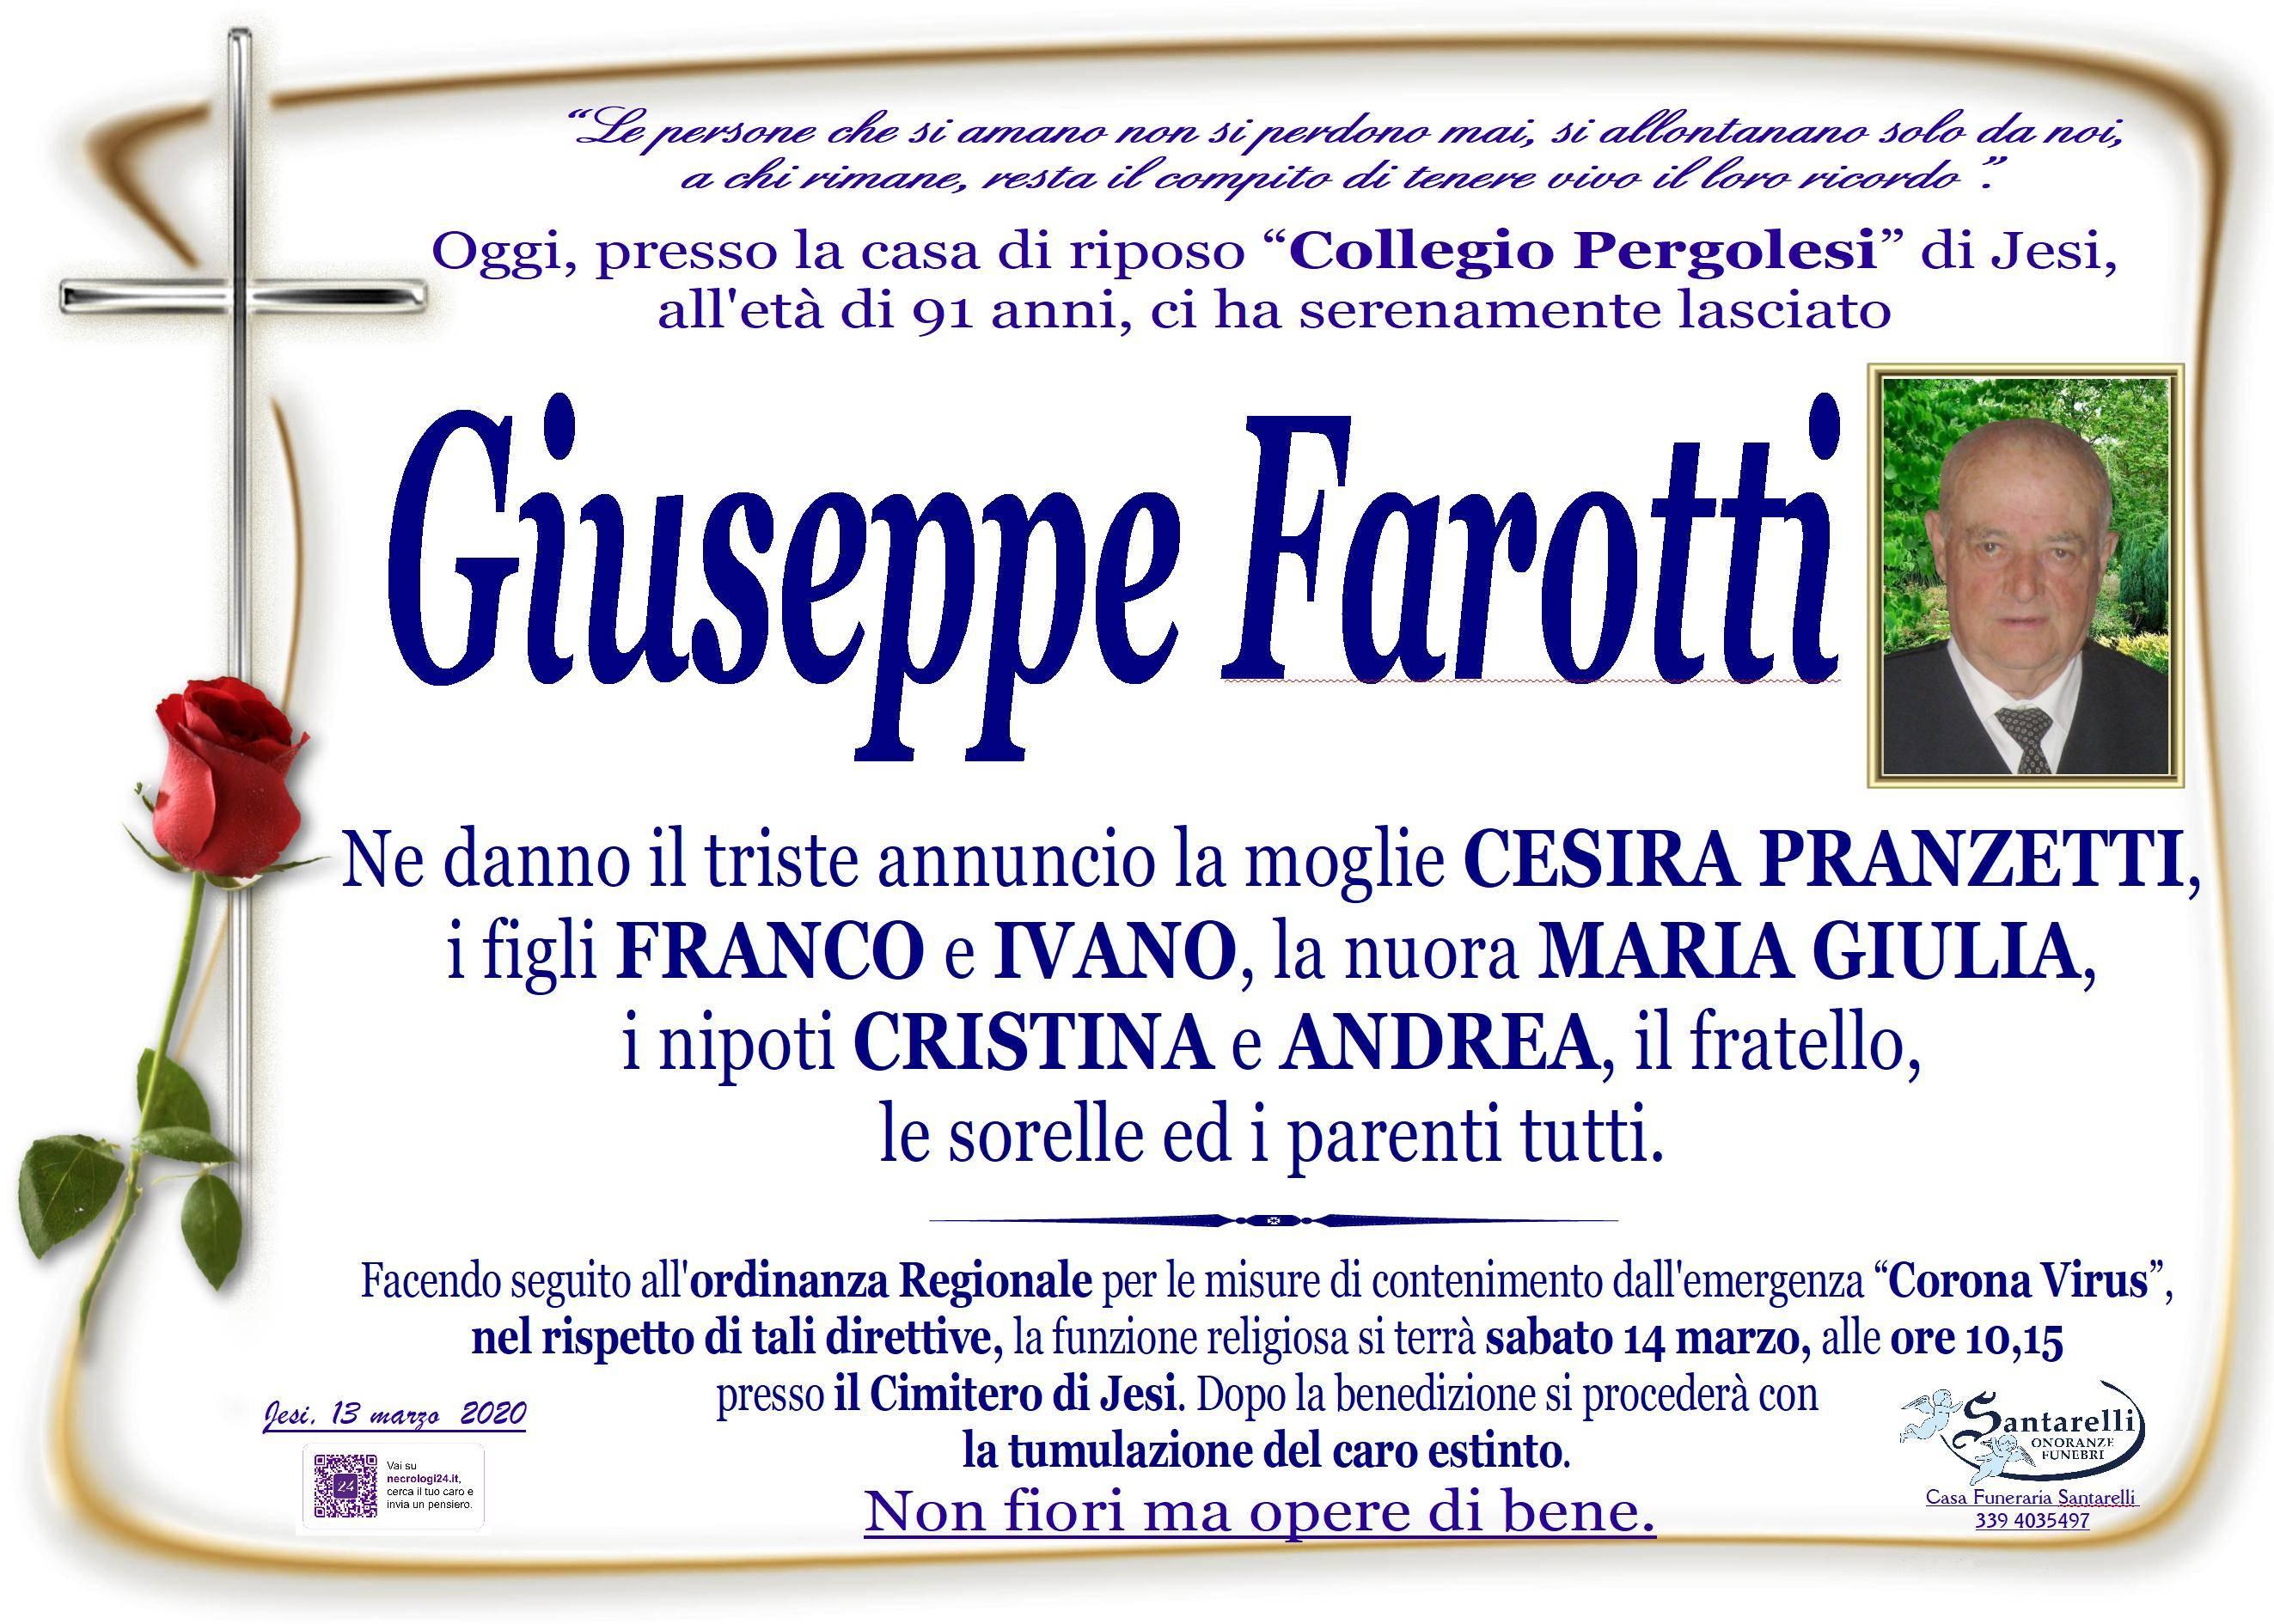 Giuseppe Farotti